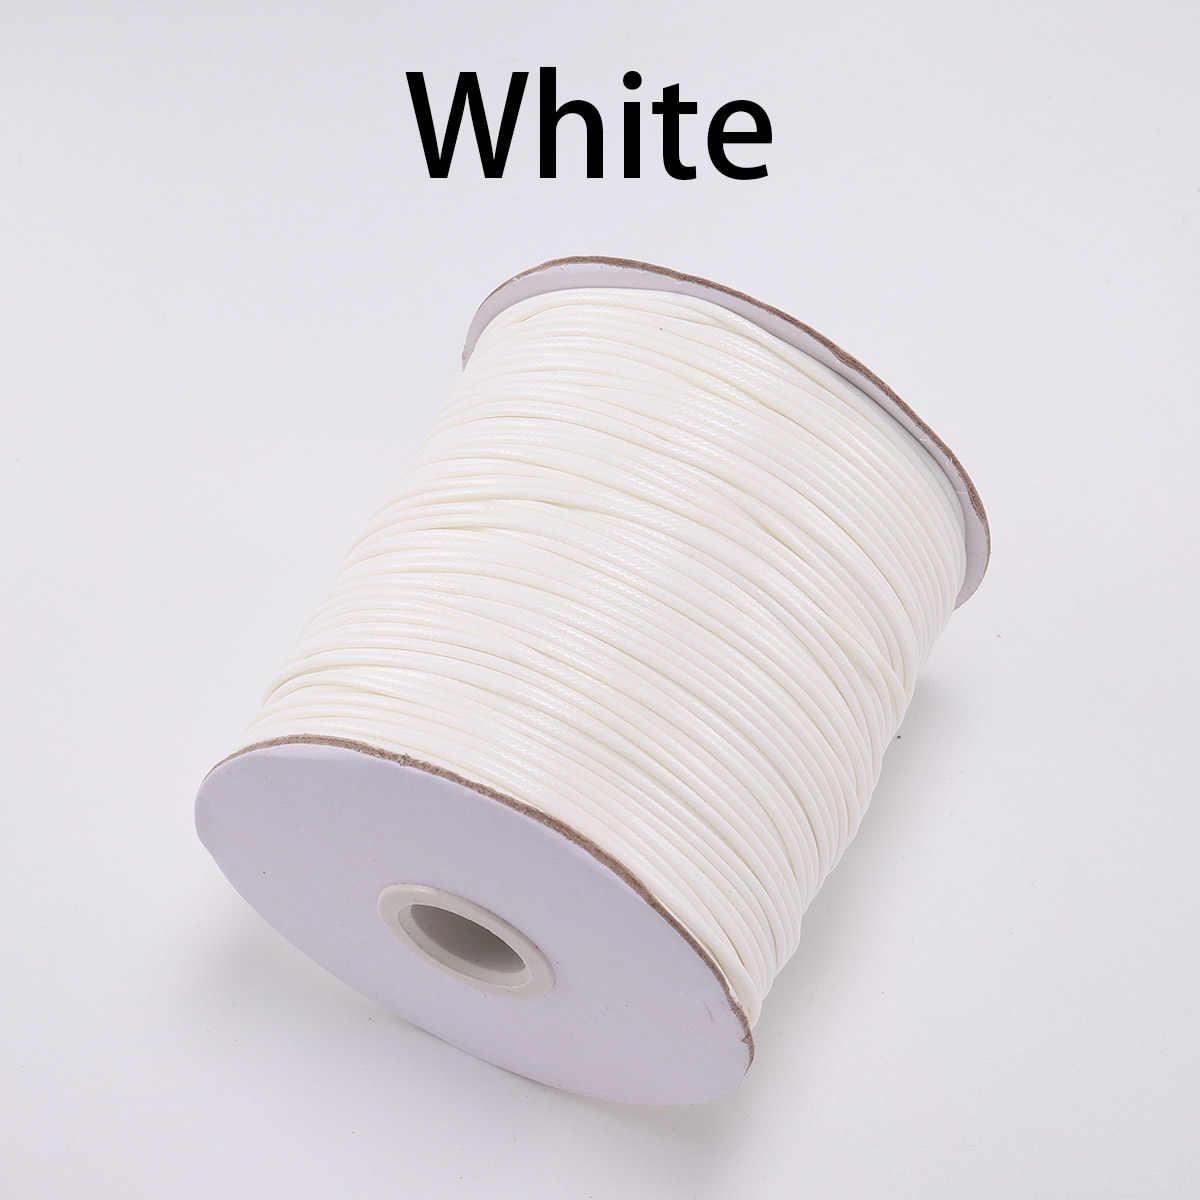 10 מטר\חבילה 22 צבע עור קו שעוות חוט כותנה חוט מחרוזת רצועת שרשרת חבל עבור תכשיטי ביצוע DIY אספקת צמיד